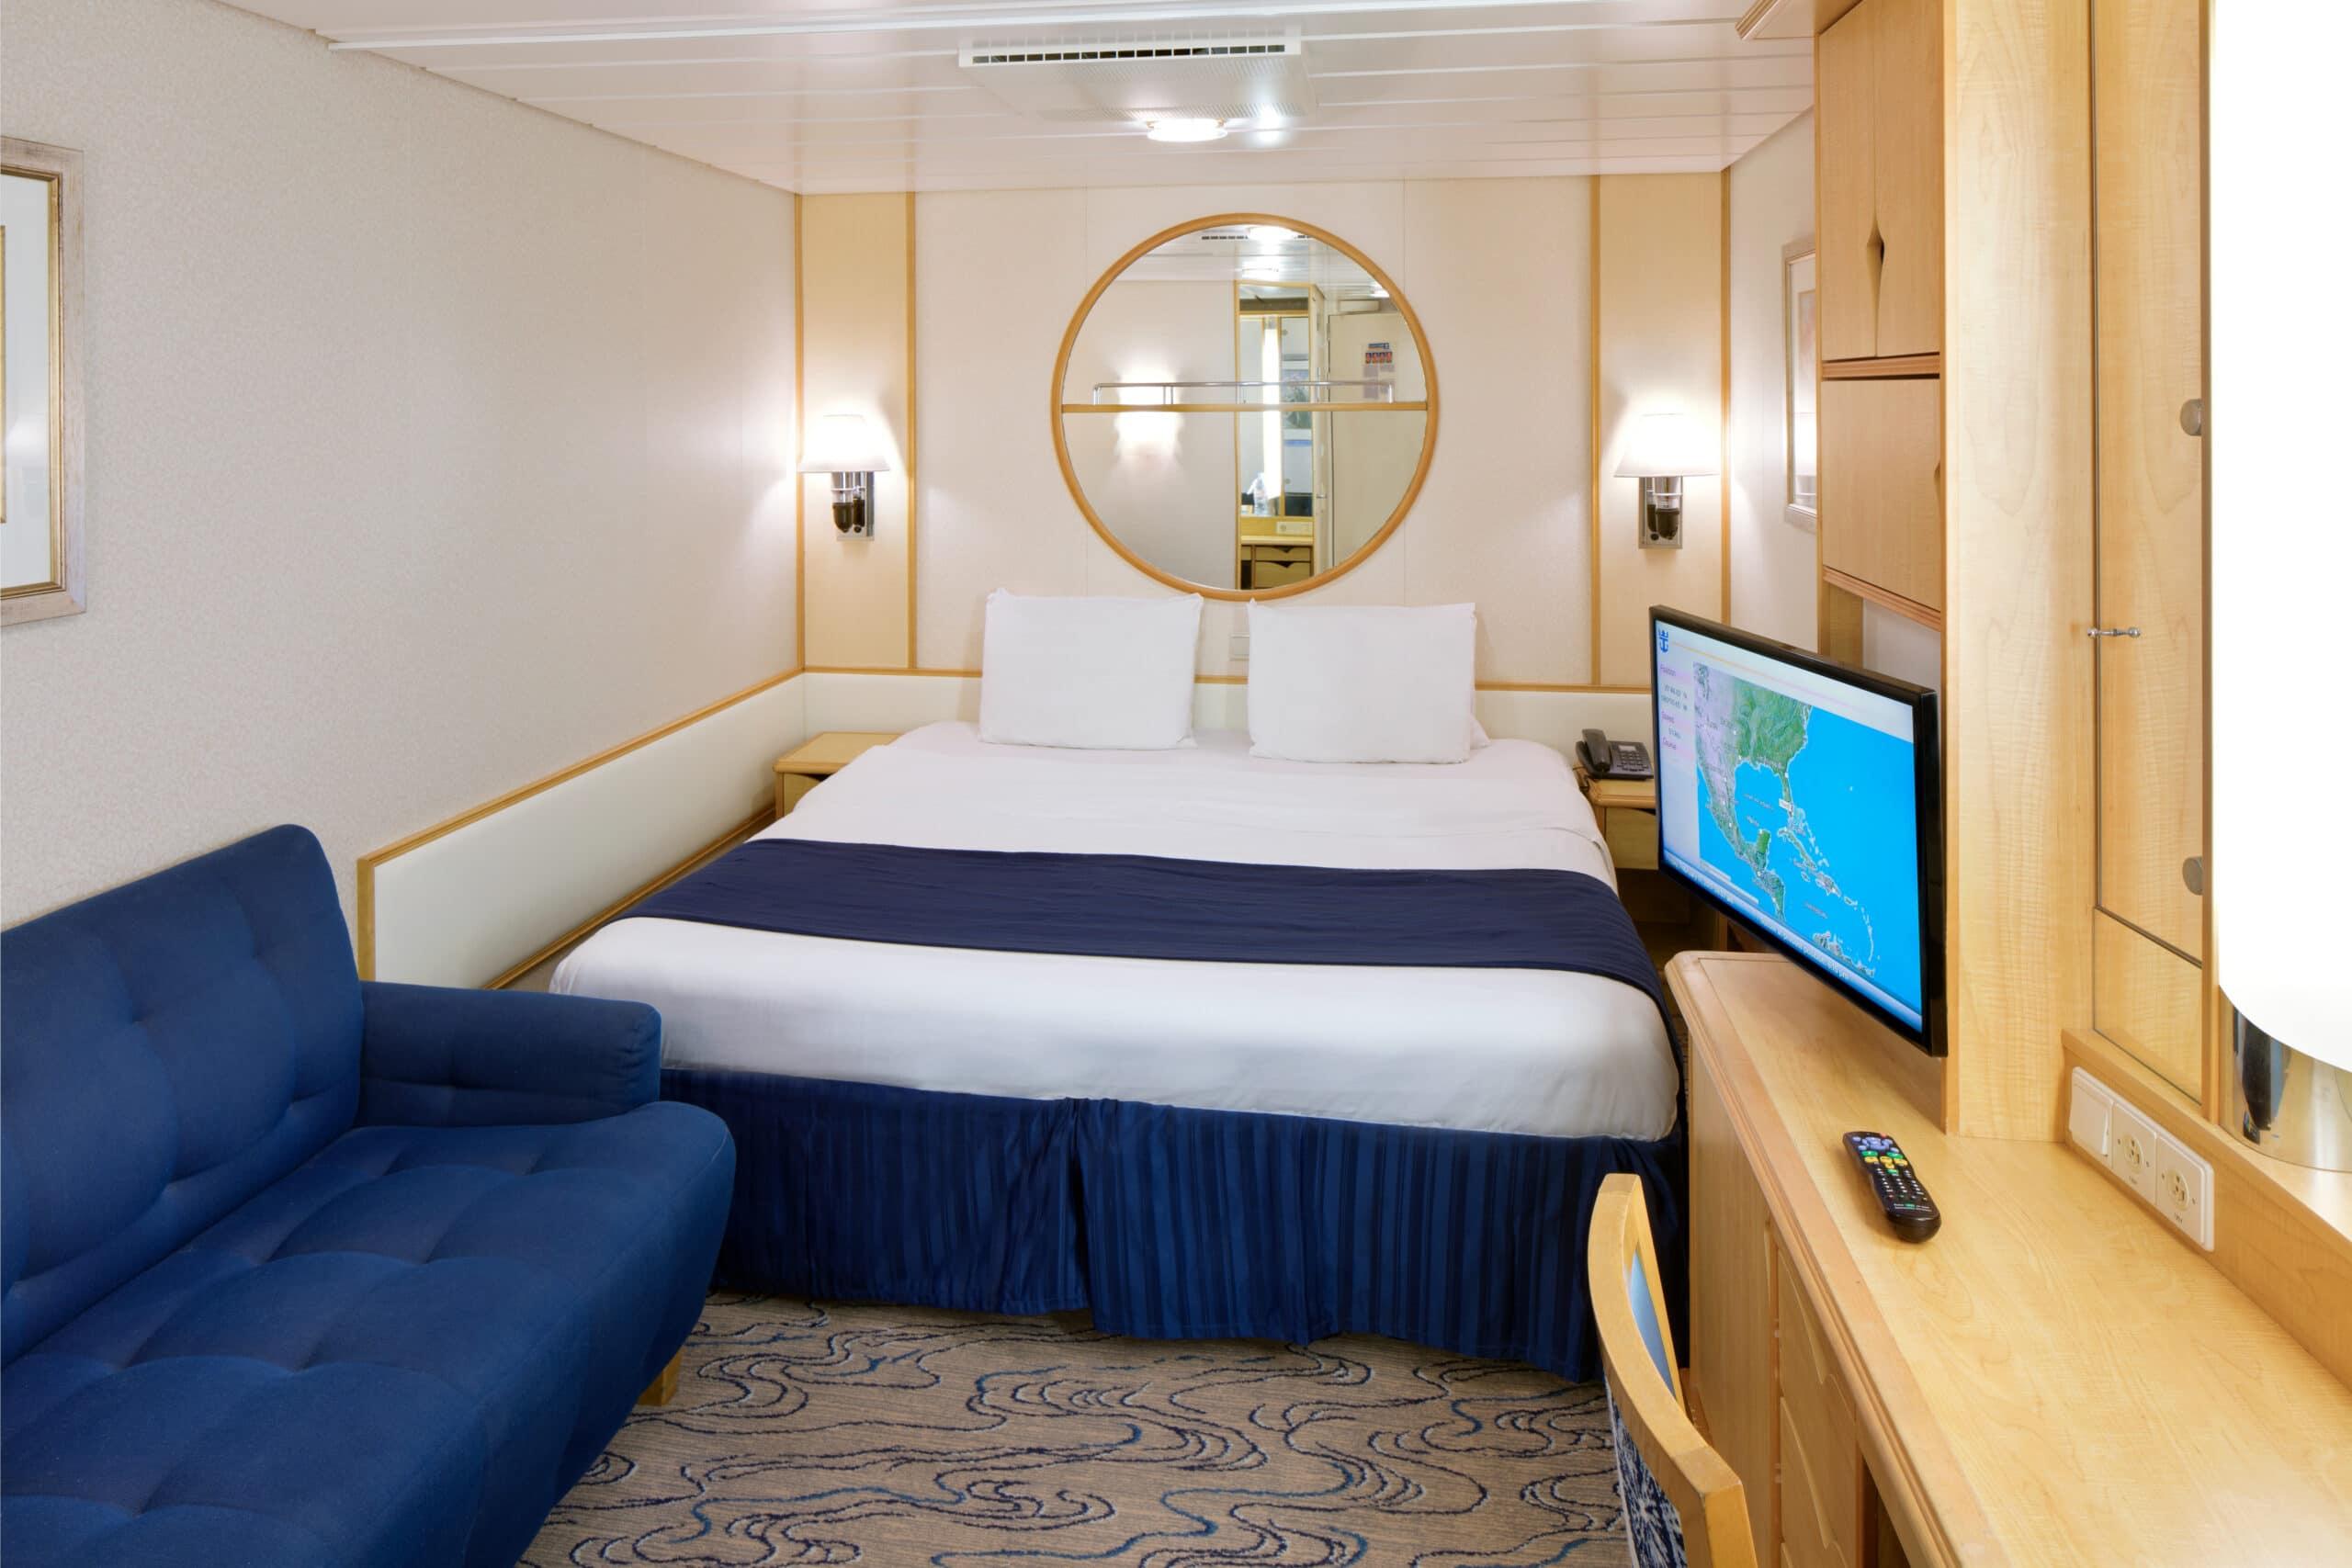 Royal-Caribbean-International-Navigator-Voyager-of-the-Seas-schip-cruiseschip-categorie-1V-2V-3V-4V-6V-binnenhut